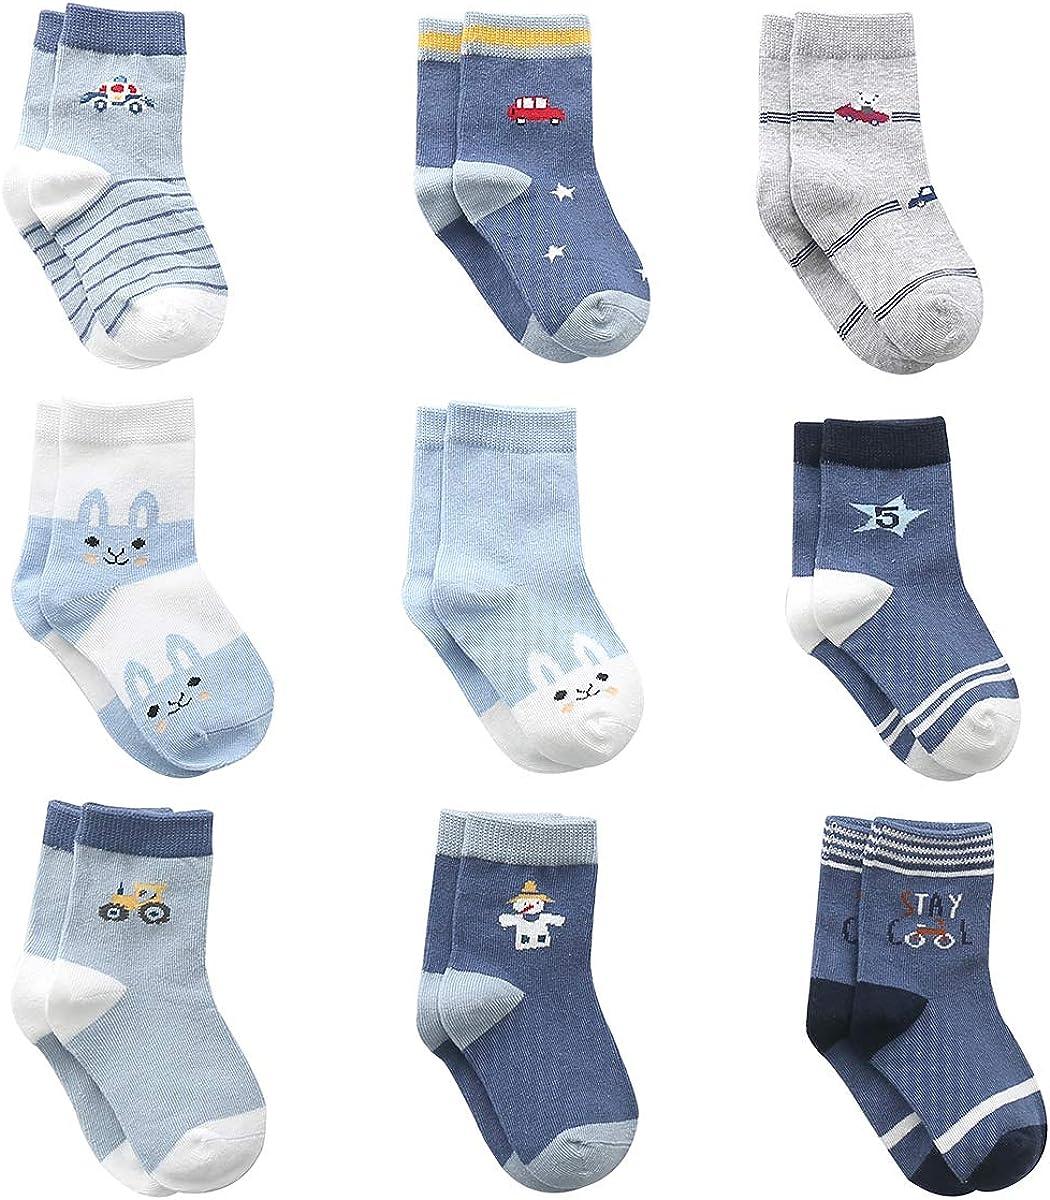 Cotton Coming Algodón Niños Calcetines Bebé,9 Pares Lindo adj. Bebé Calcetines Niño